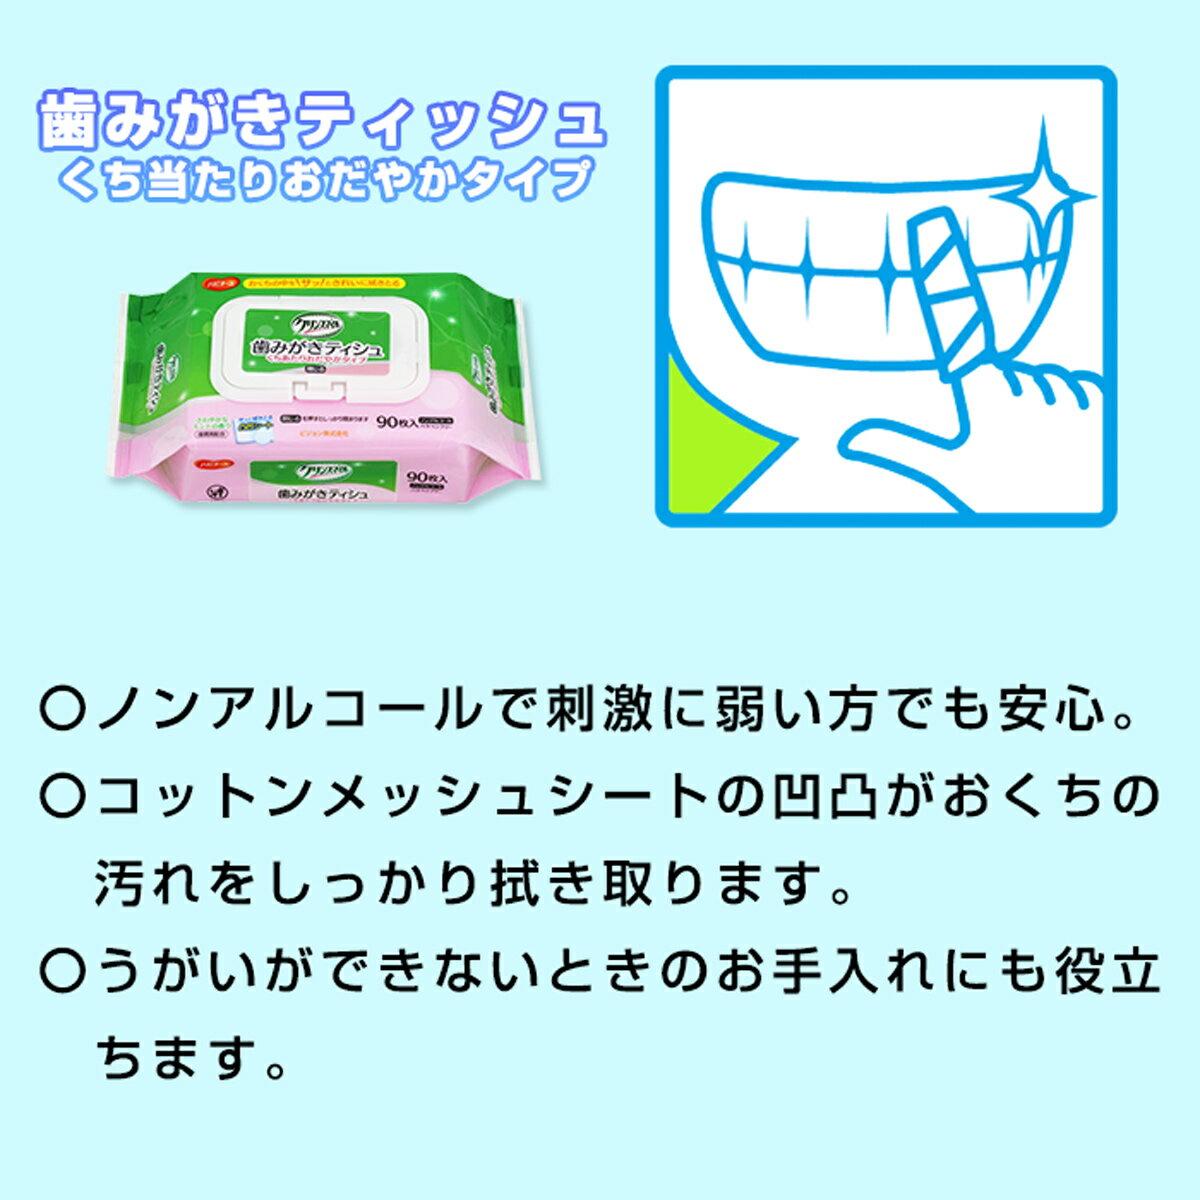 カルバミン プロピニル 化 ブチル ヨウ 酸 ブチルカルバミン酸ヨウ化プロピニル(化粧品):Cosmetic